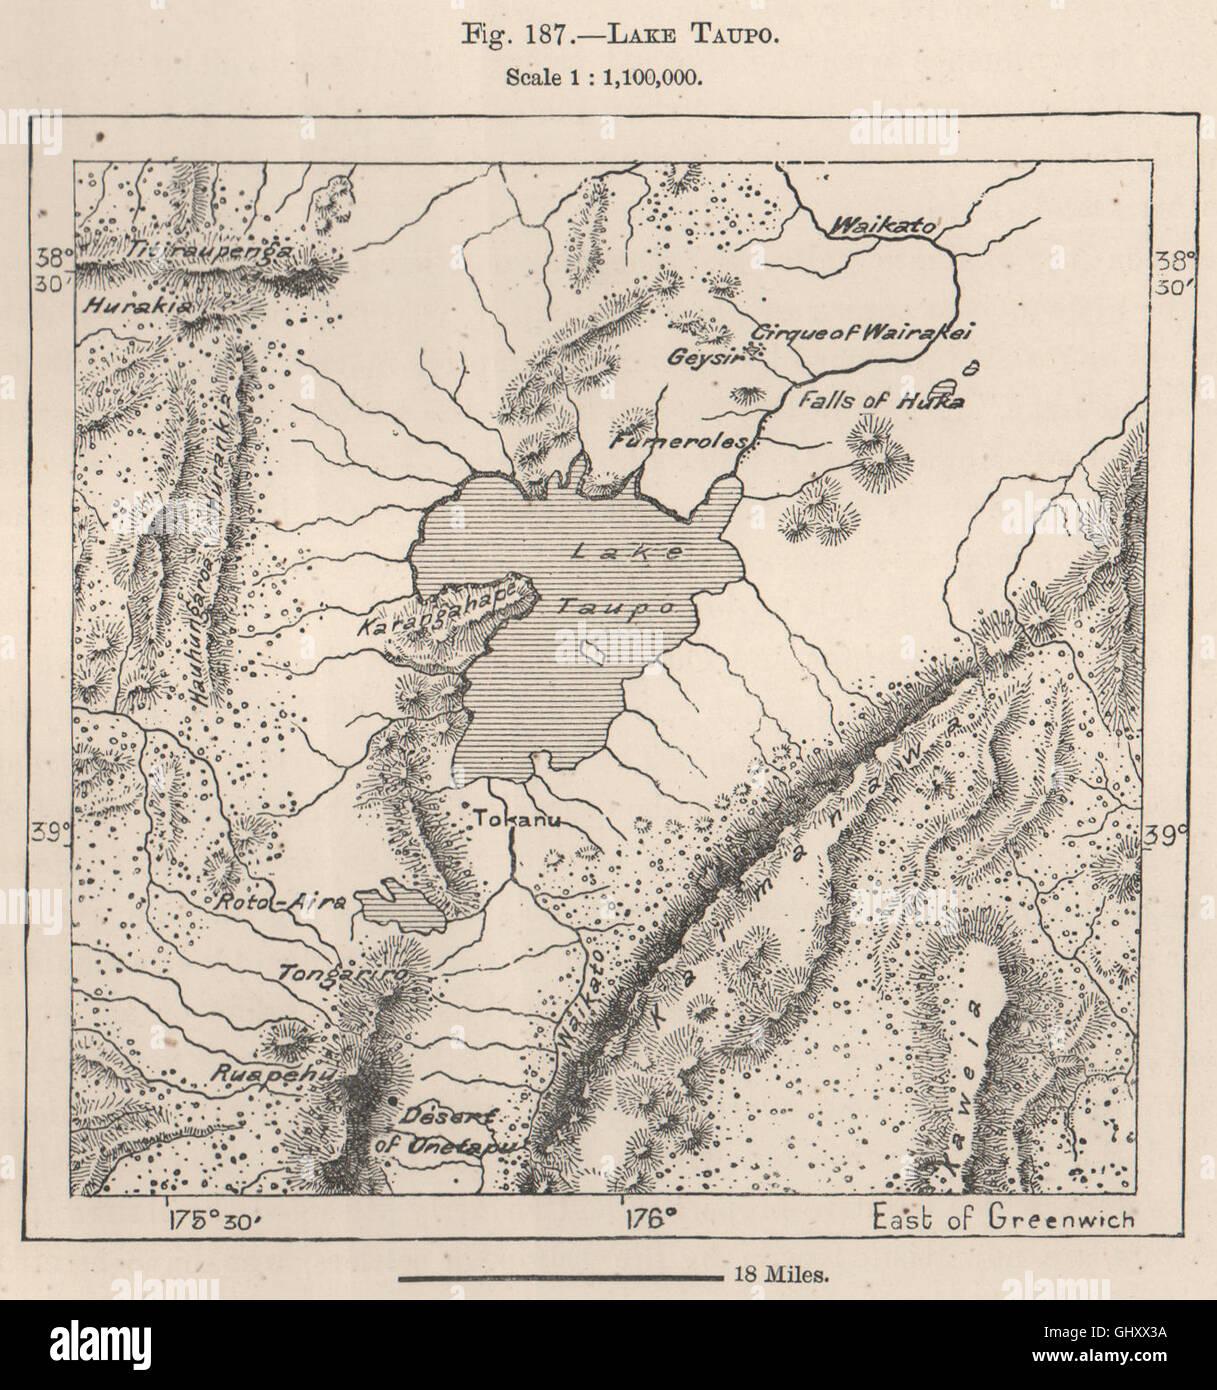 Taupo New Zealand Map.Lake Taupo New Zealand 1885 Antique Map Stock Photo 114302590 Alamy